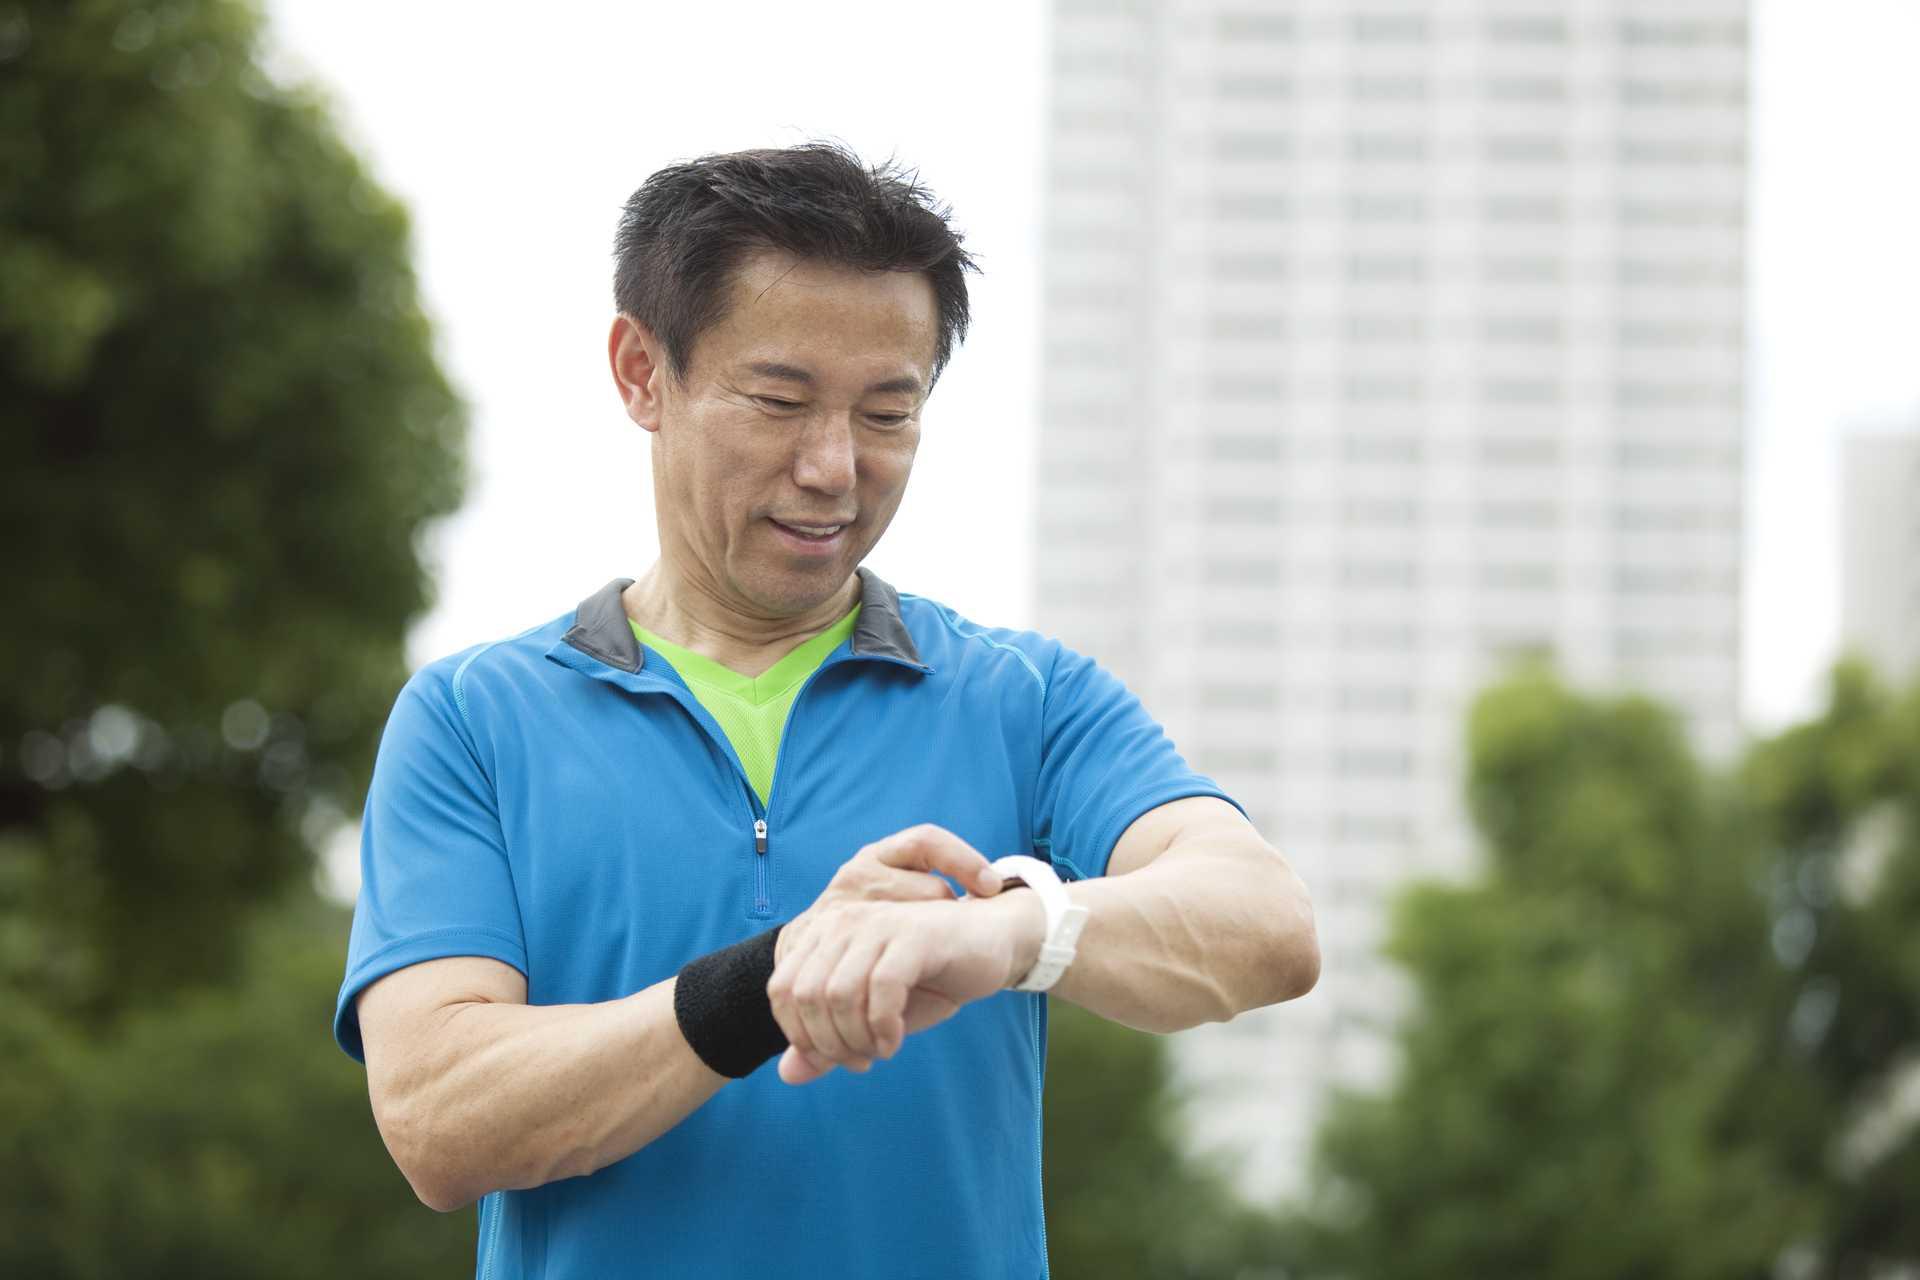 歩数計は、歩数を測るだけの道具ではない。やる気を発生させる効果もある。 | 健康のためになる30の散歩術